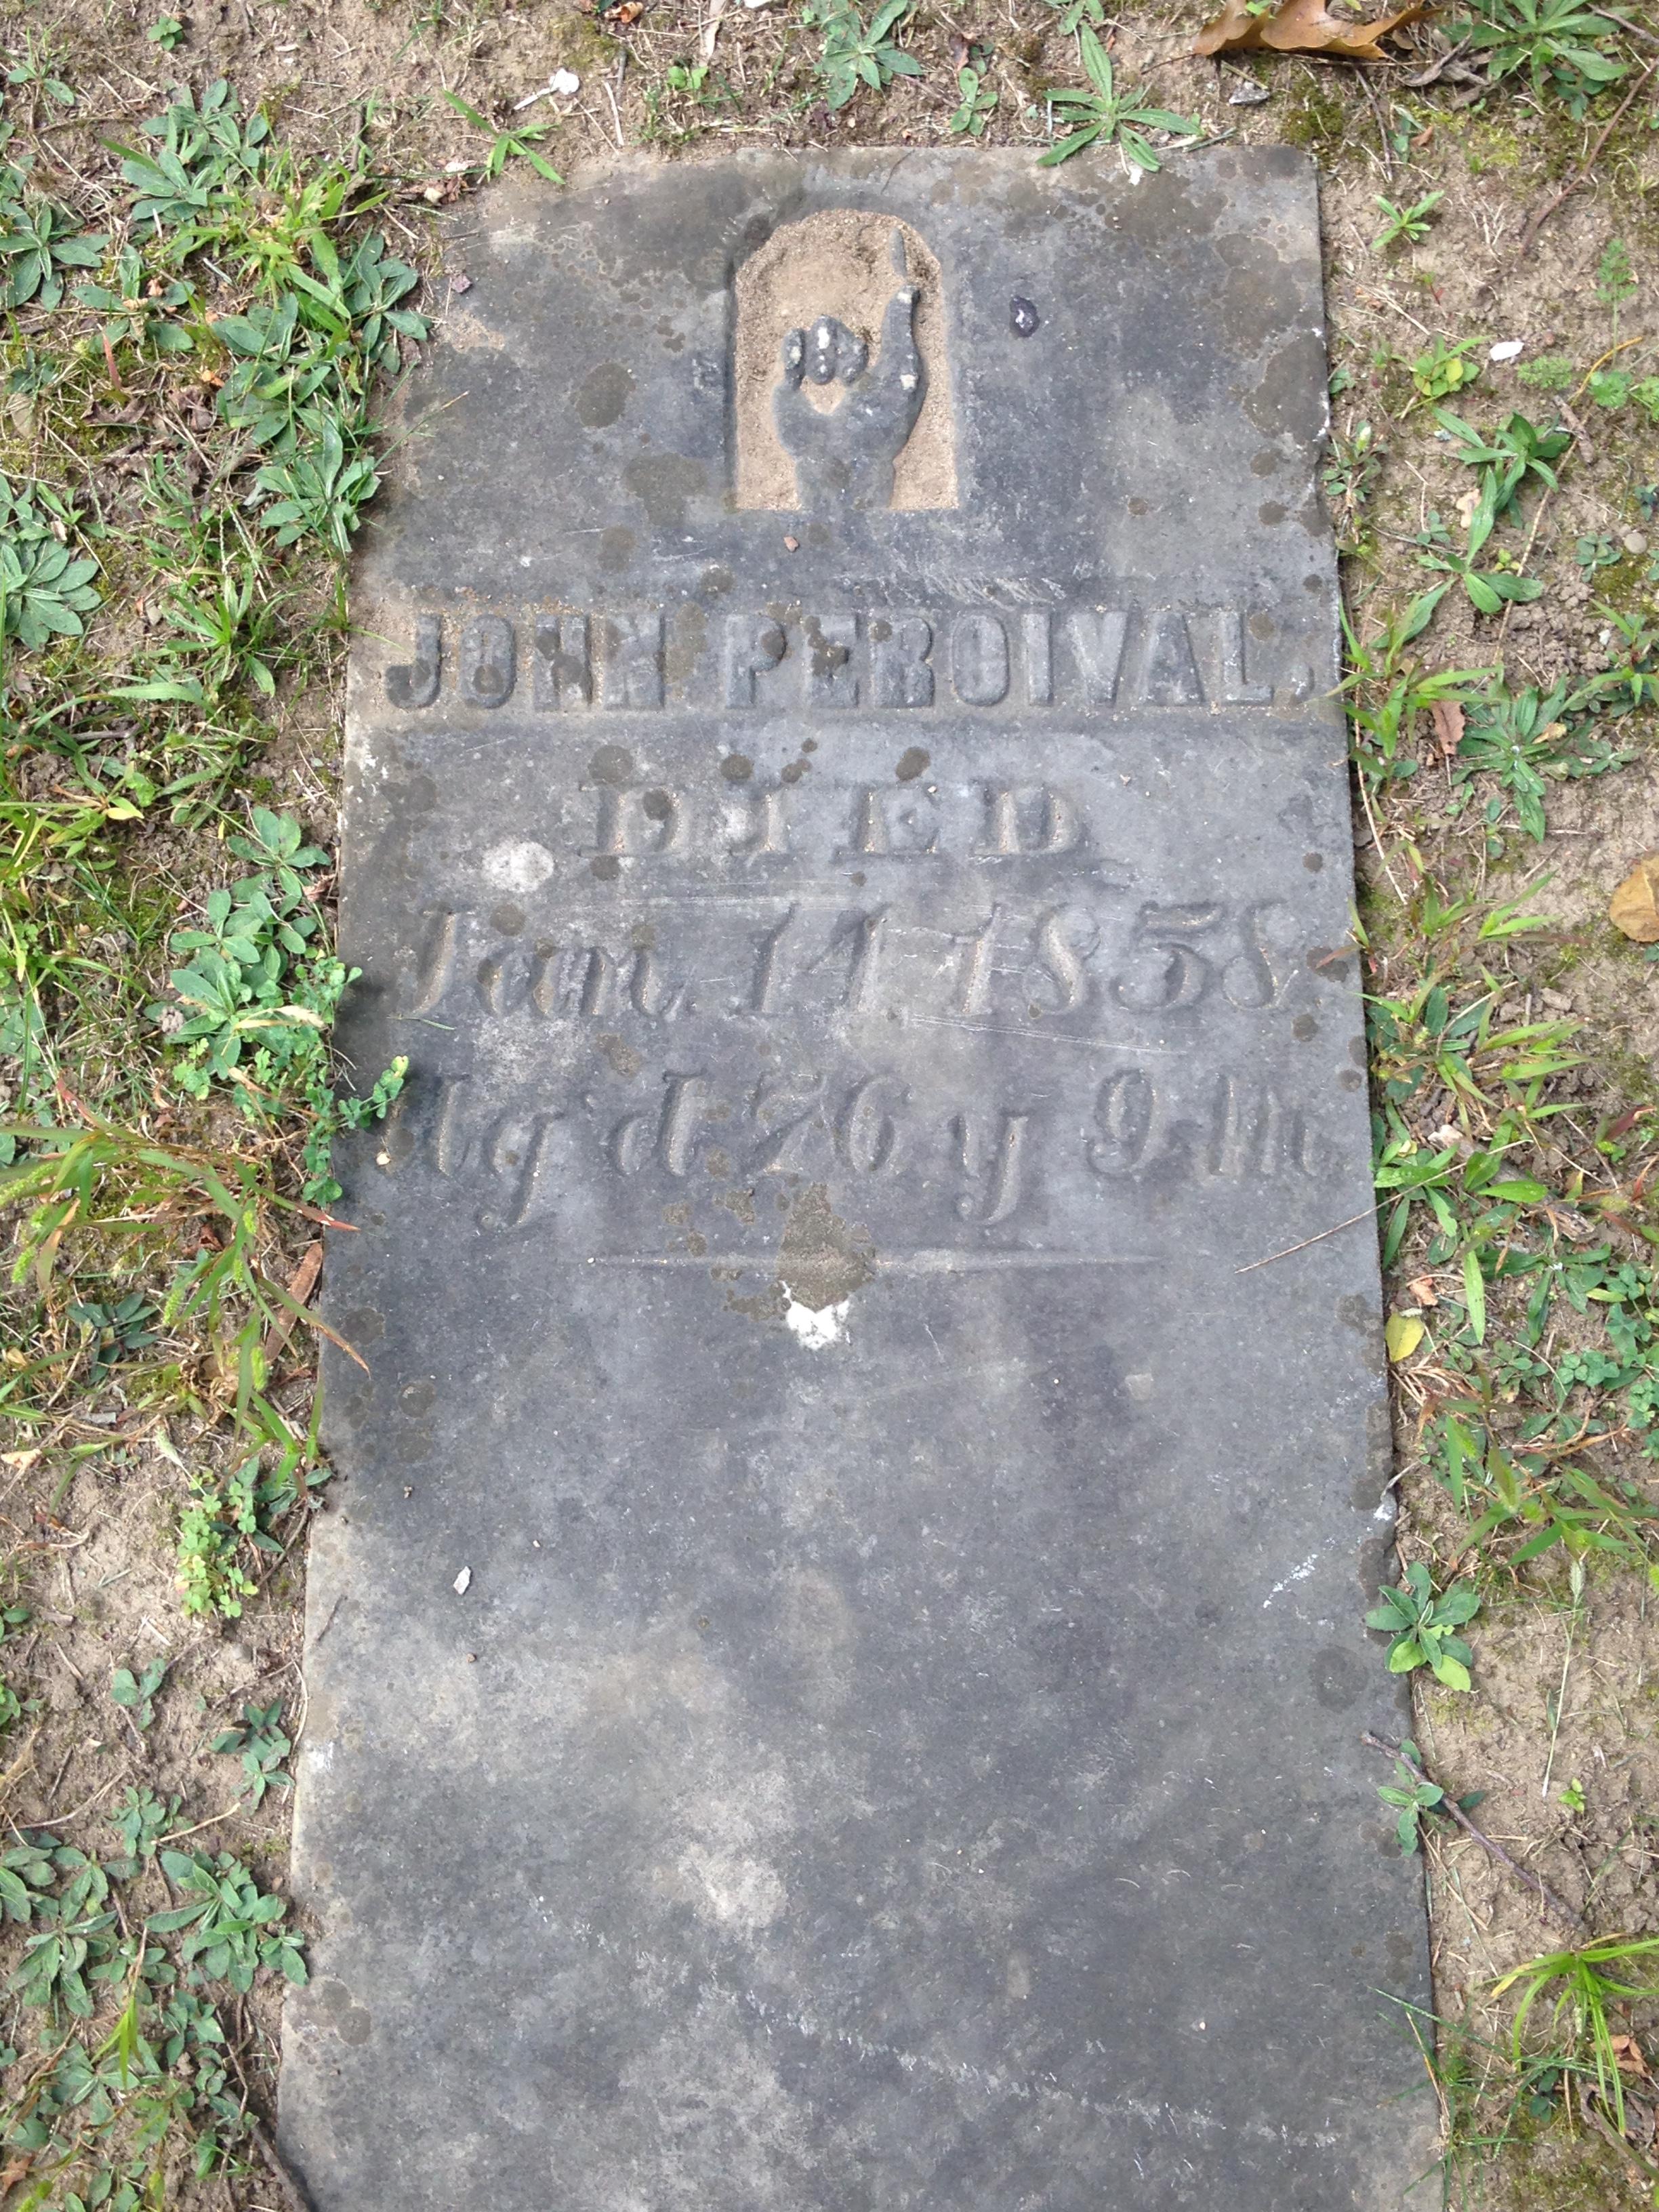 John Percival, Jr